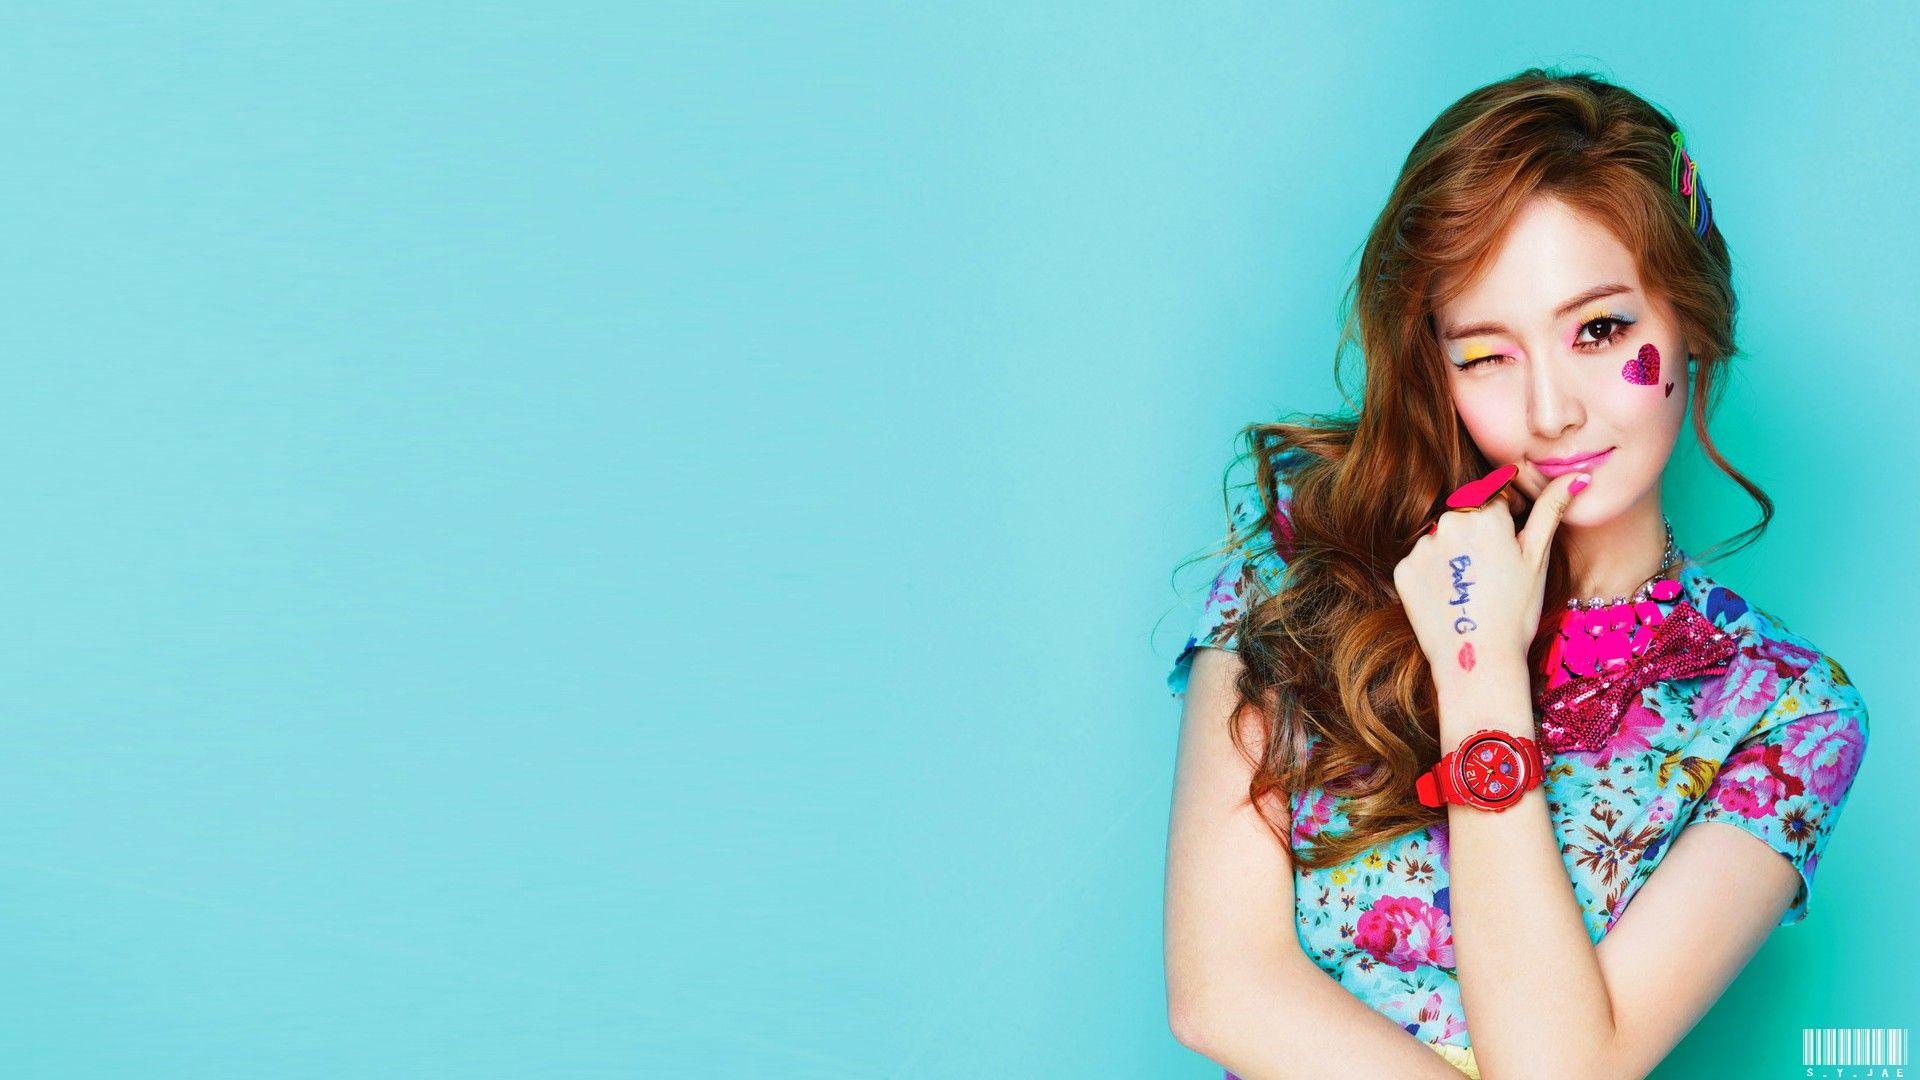 Girls' Generation - Wikipedia